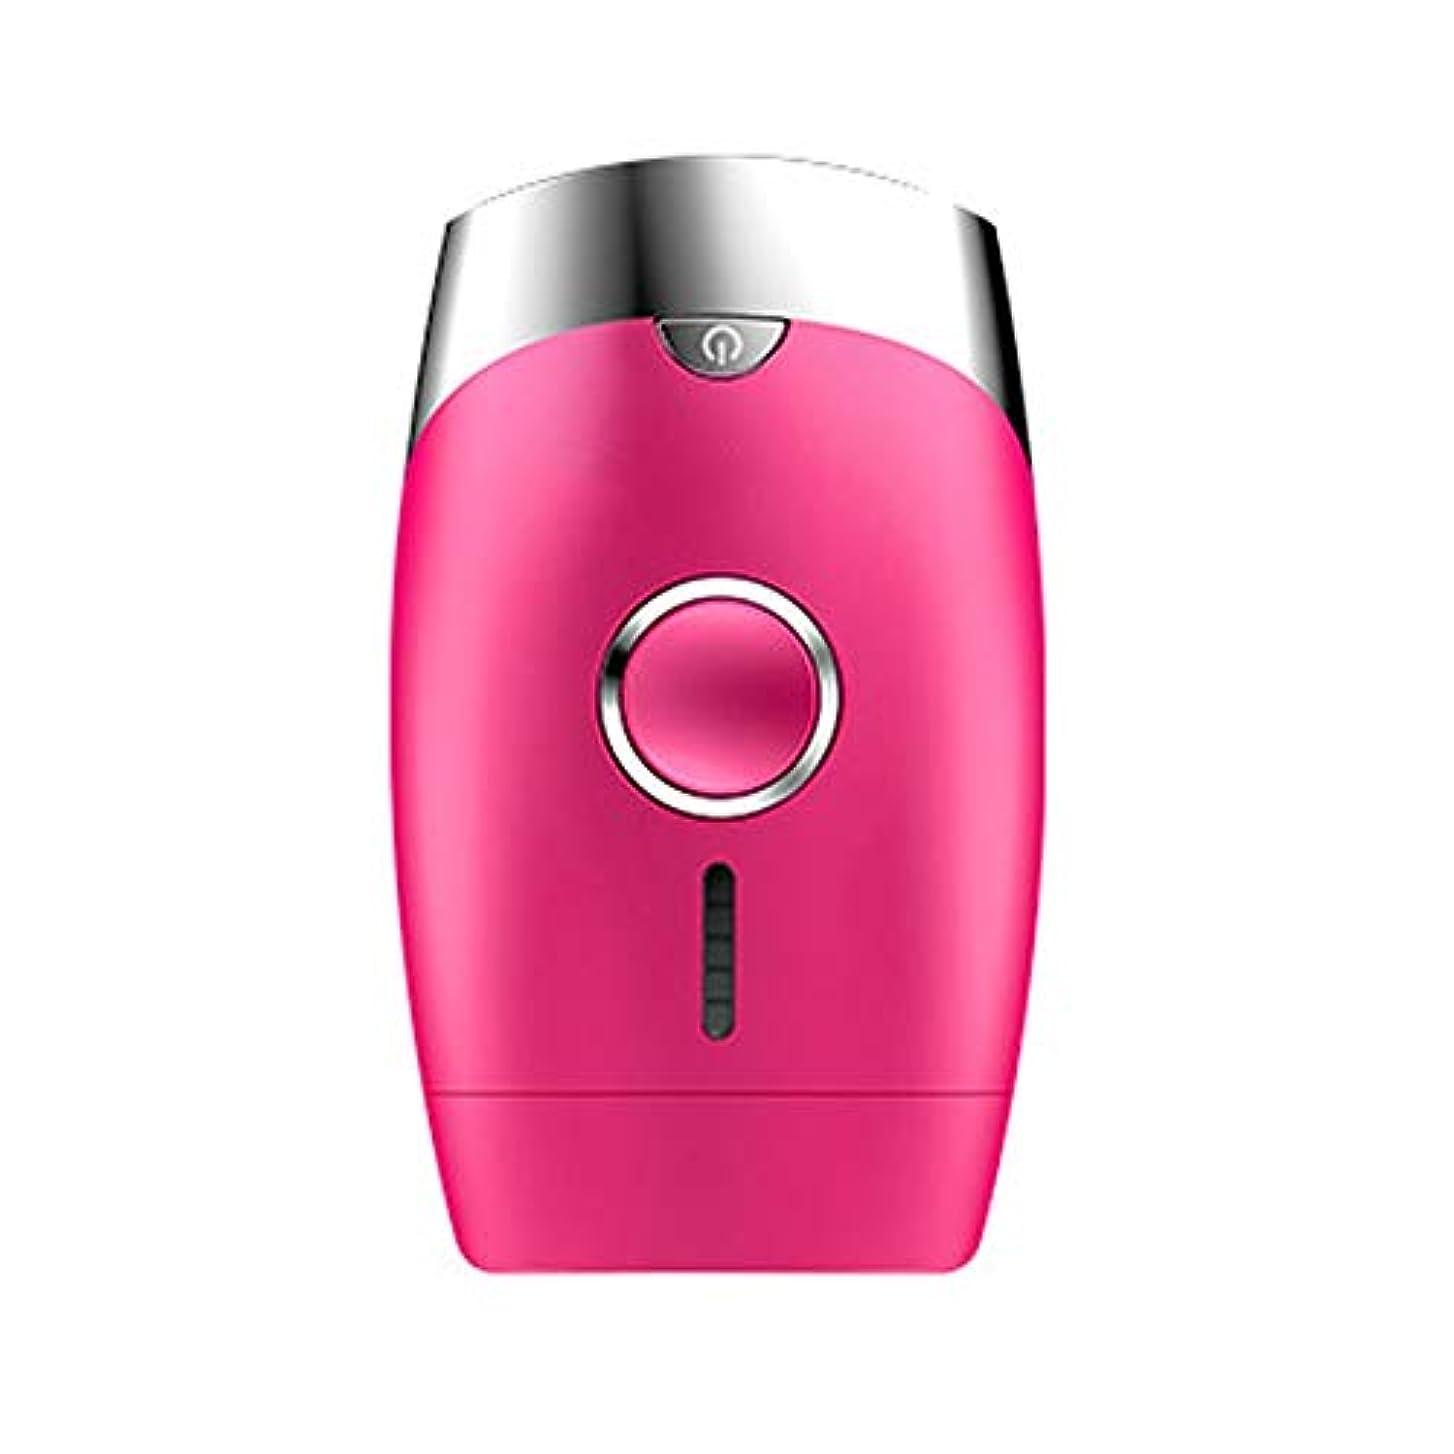 認可支配的飢ピンク、5スピード調整、インテリジェント家庭用痛みのない凝固点ヘアリムーバー、シングルフラッシュ/連続フラッシュ、サイズ13.9 X 8.3 X 4.8 Cm 安全性 (Color : Pink)